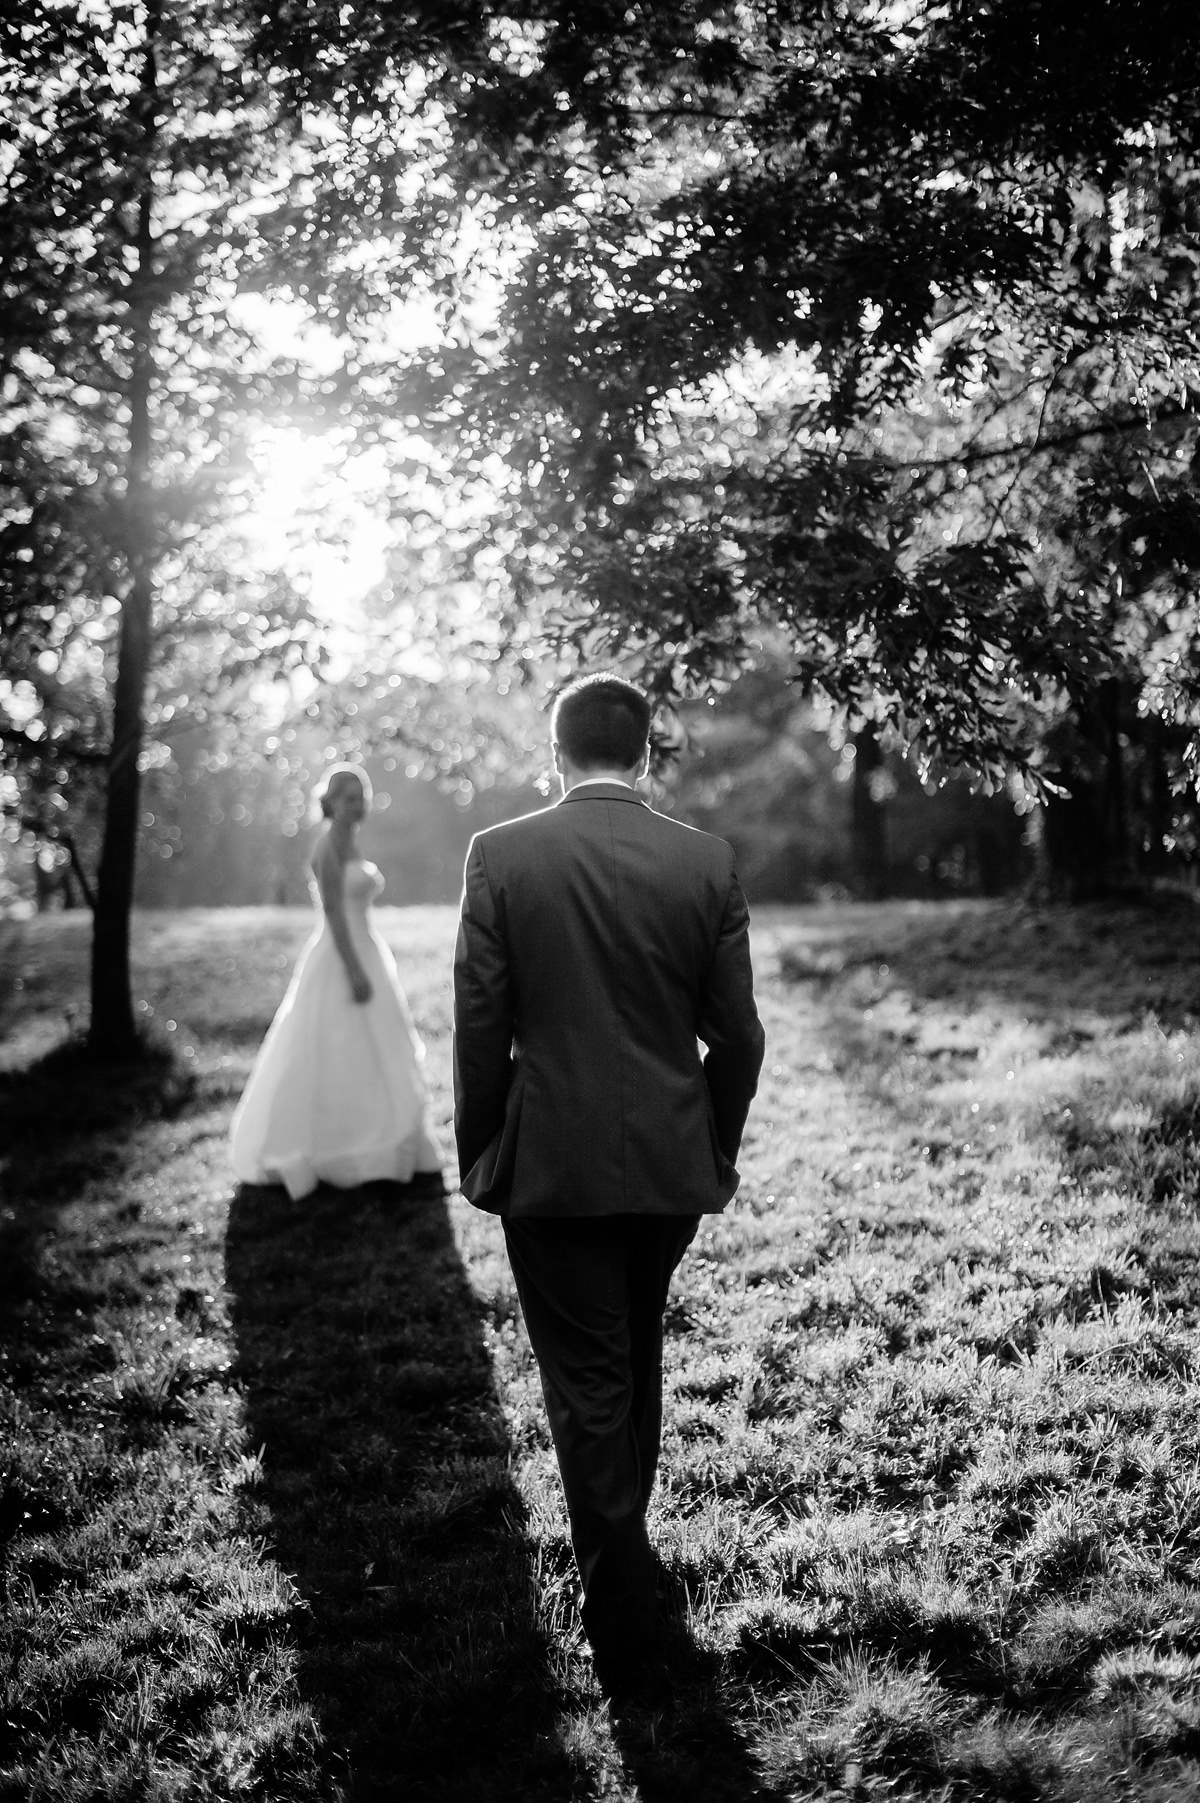 groom walking towards bride